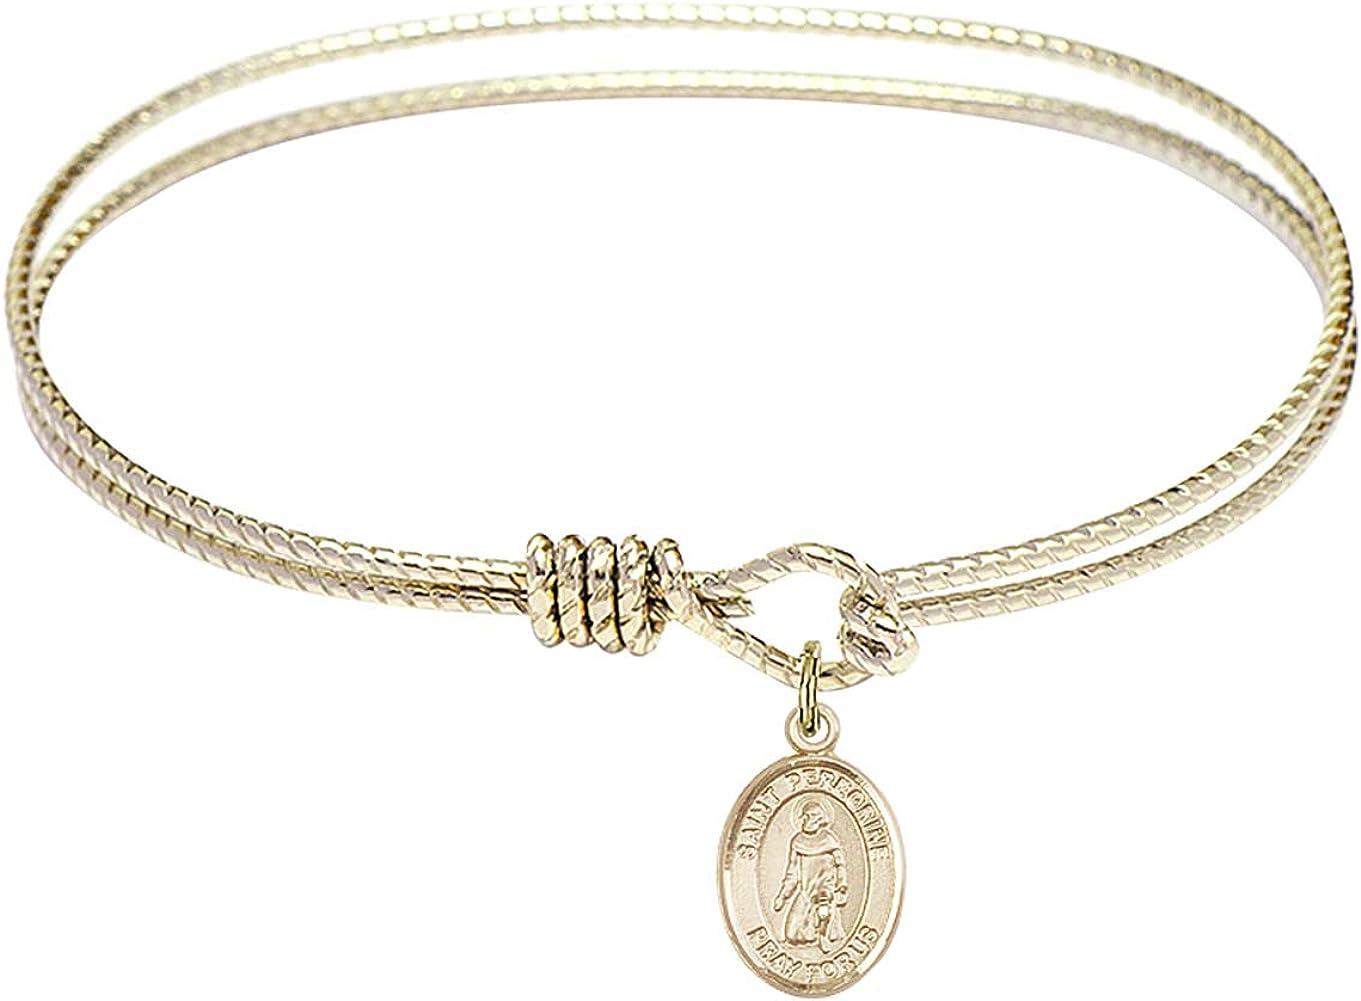 Peregrine Laziosi Charm. DiamondJewelryNY Eye Hook Bangle Bracelet with a St